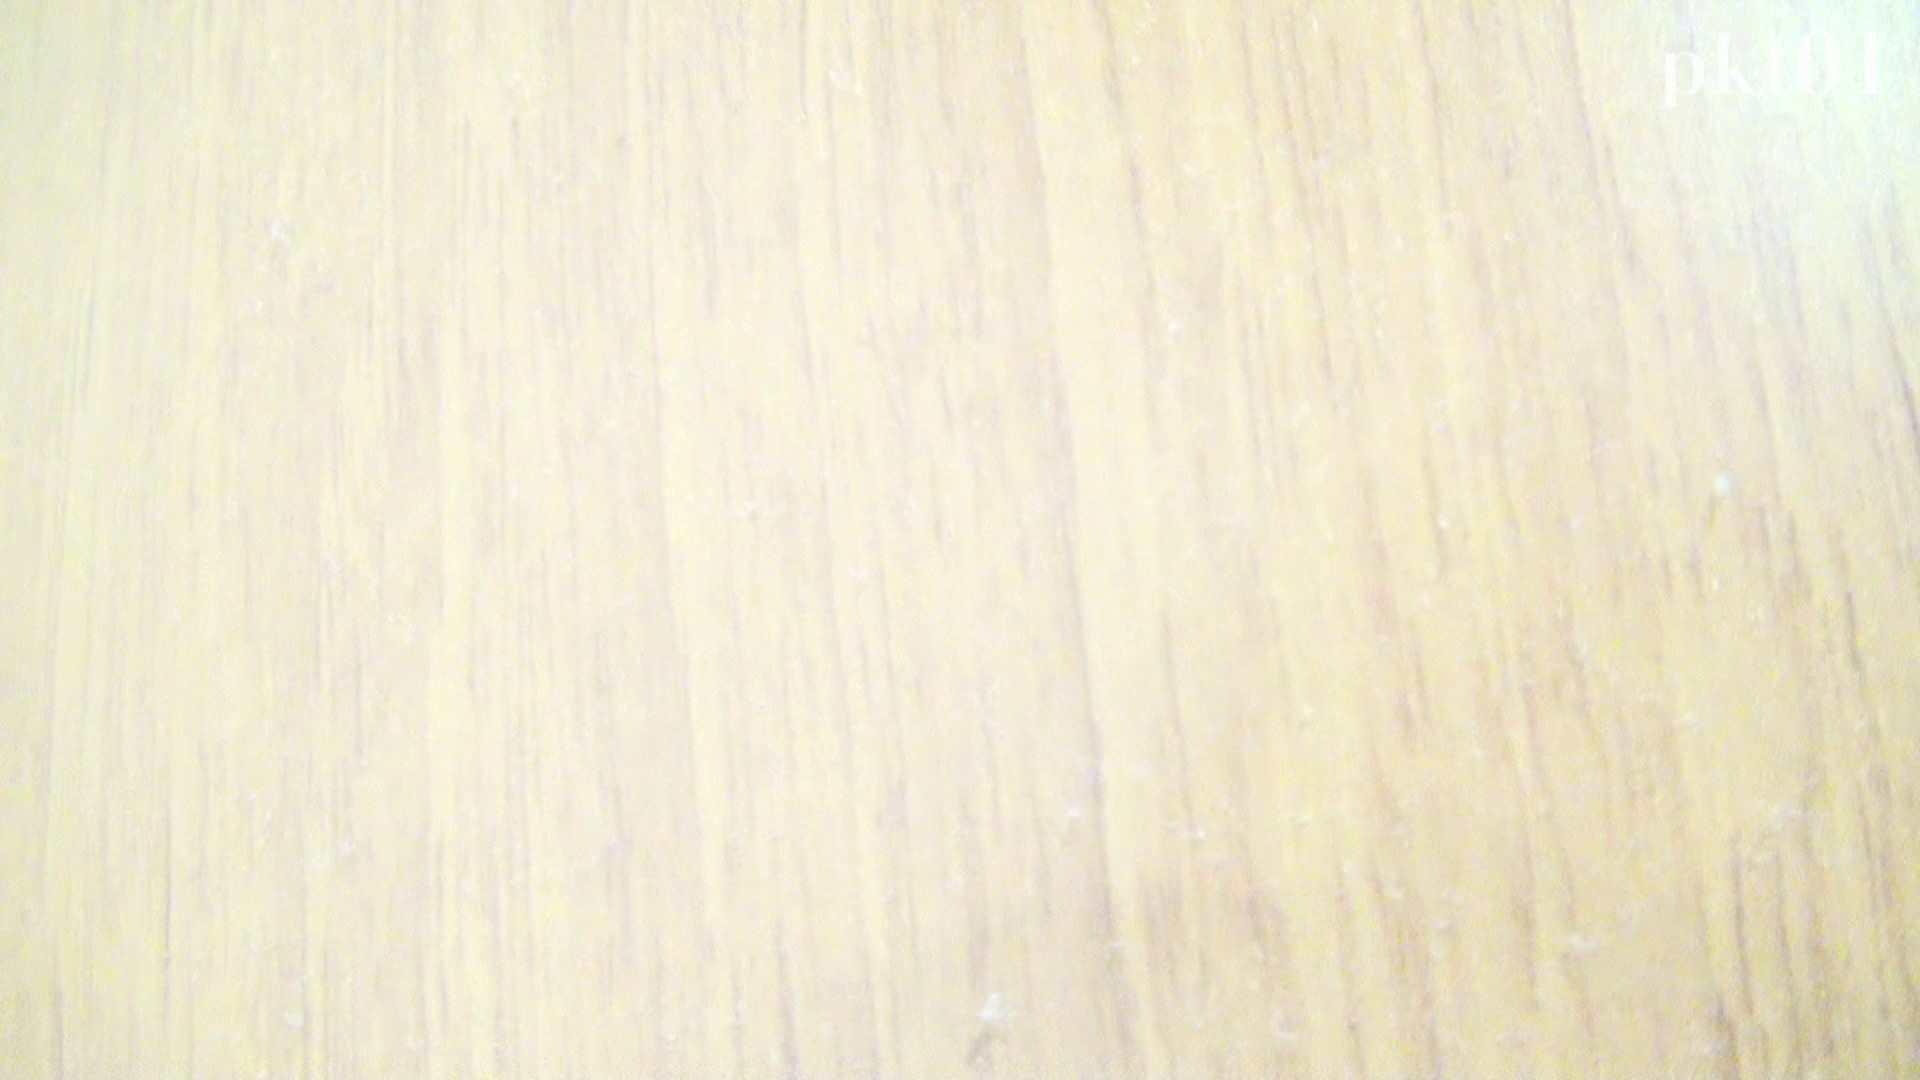 アダルトエロ動画|空爆特攻隊!No1 ハイビジョン|怪盗ジョーカー